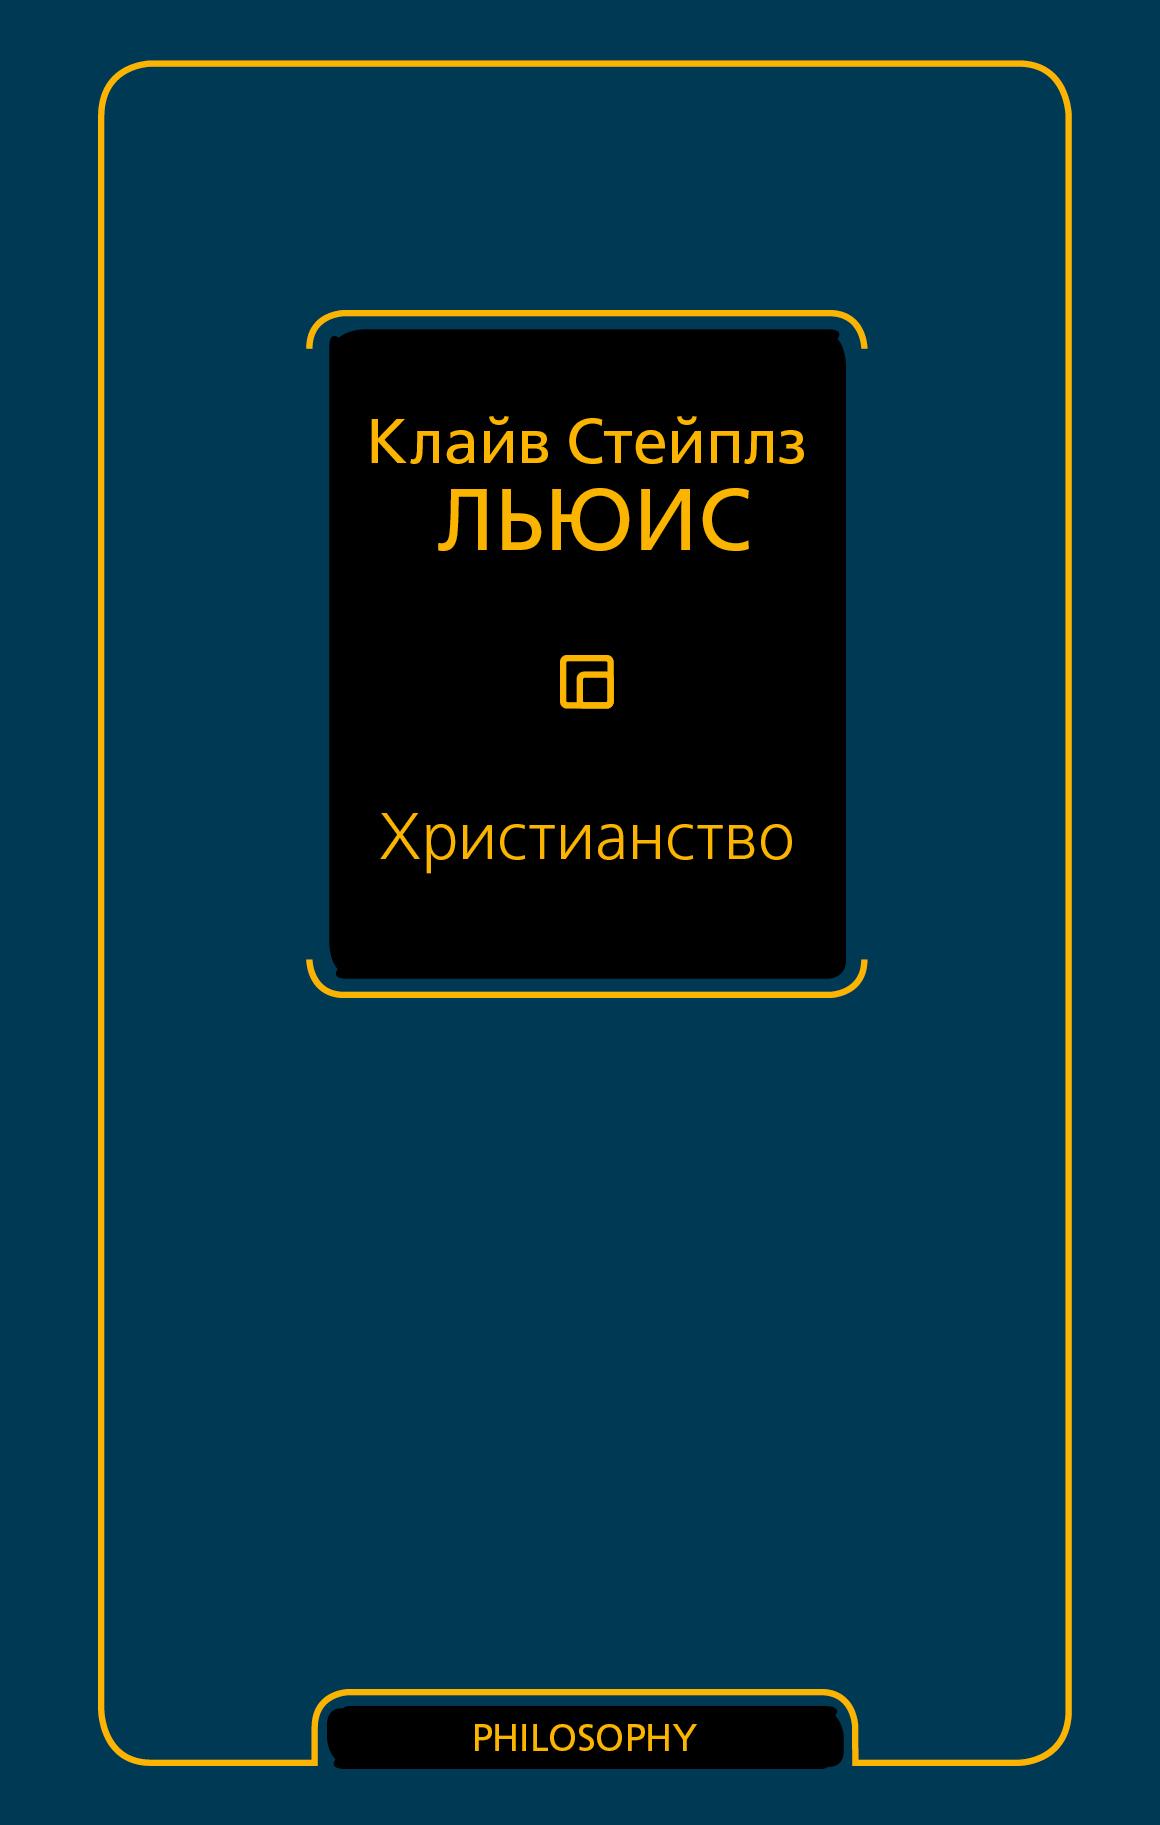 Клайв Стейплз Льюис. Христианство (сборник) 0x0